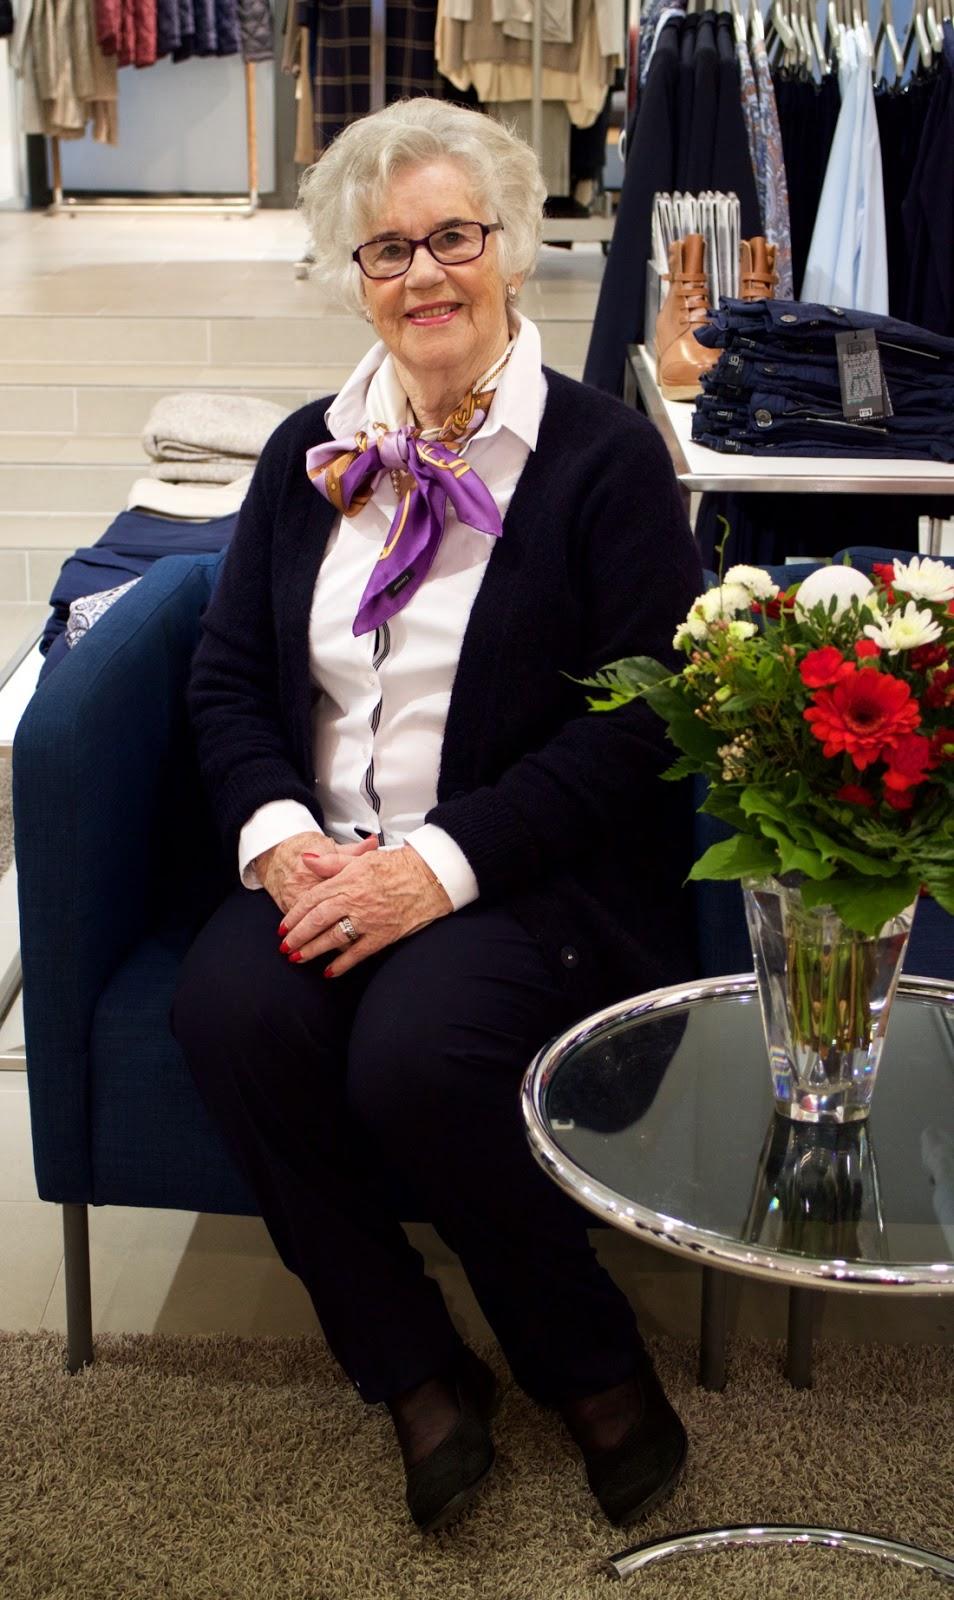 Joulukuun nainen: 79-vuotias Marketta